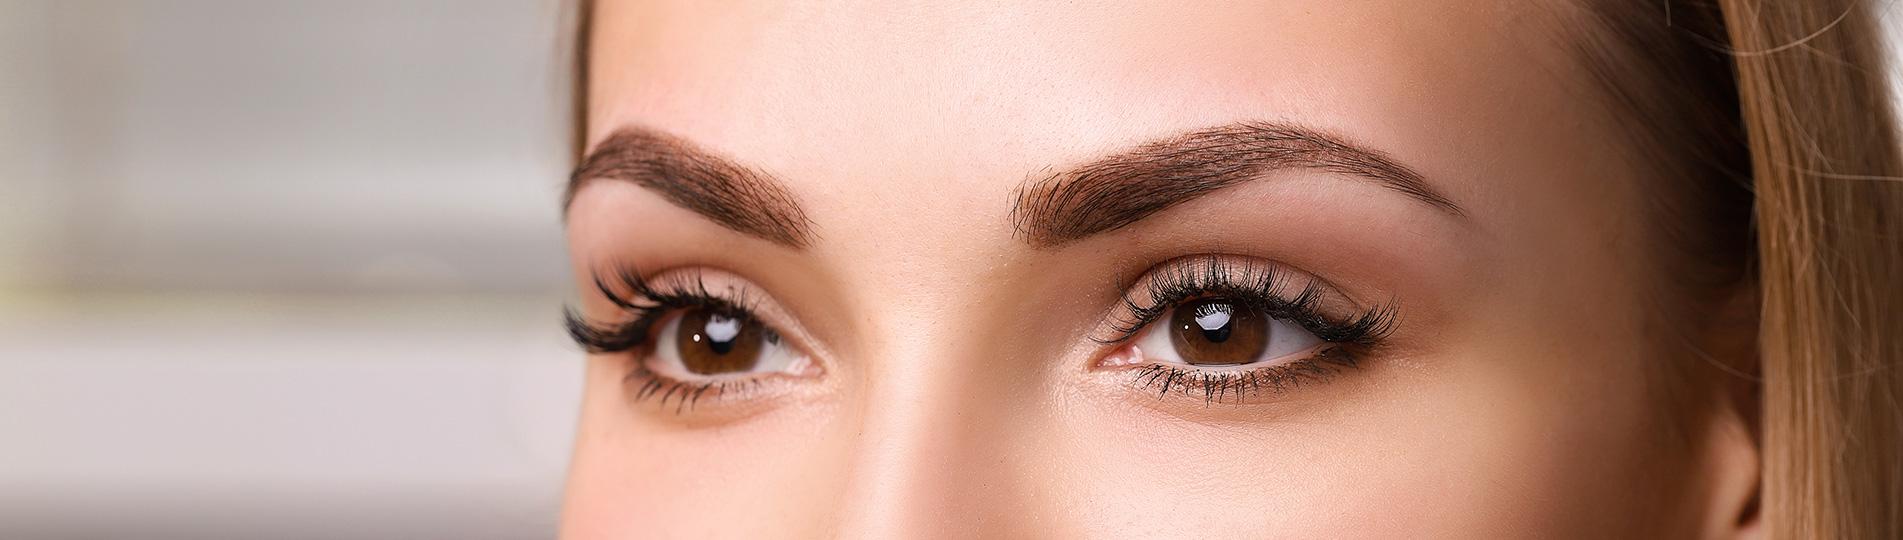 la restructuration des sourcils est une technique 100 % naturelle. Effectué uniquement à la pince à épiler, ce soin garantit précision et élégance.